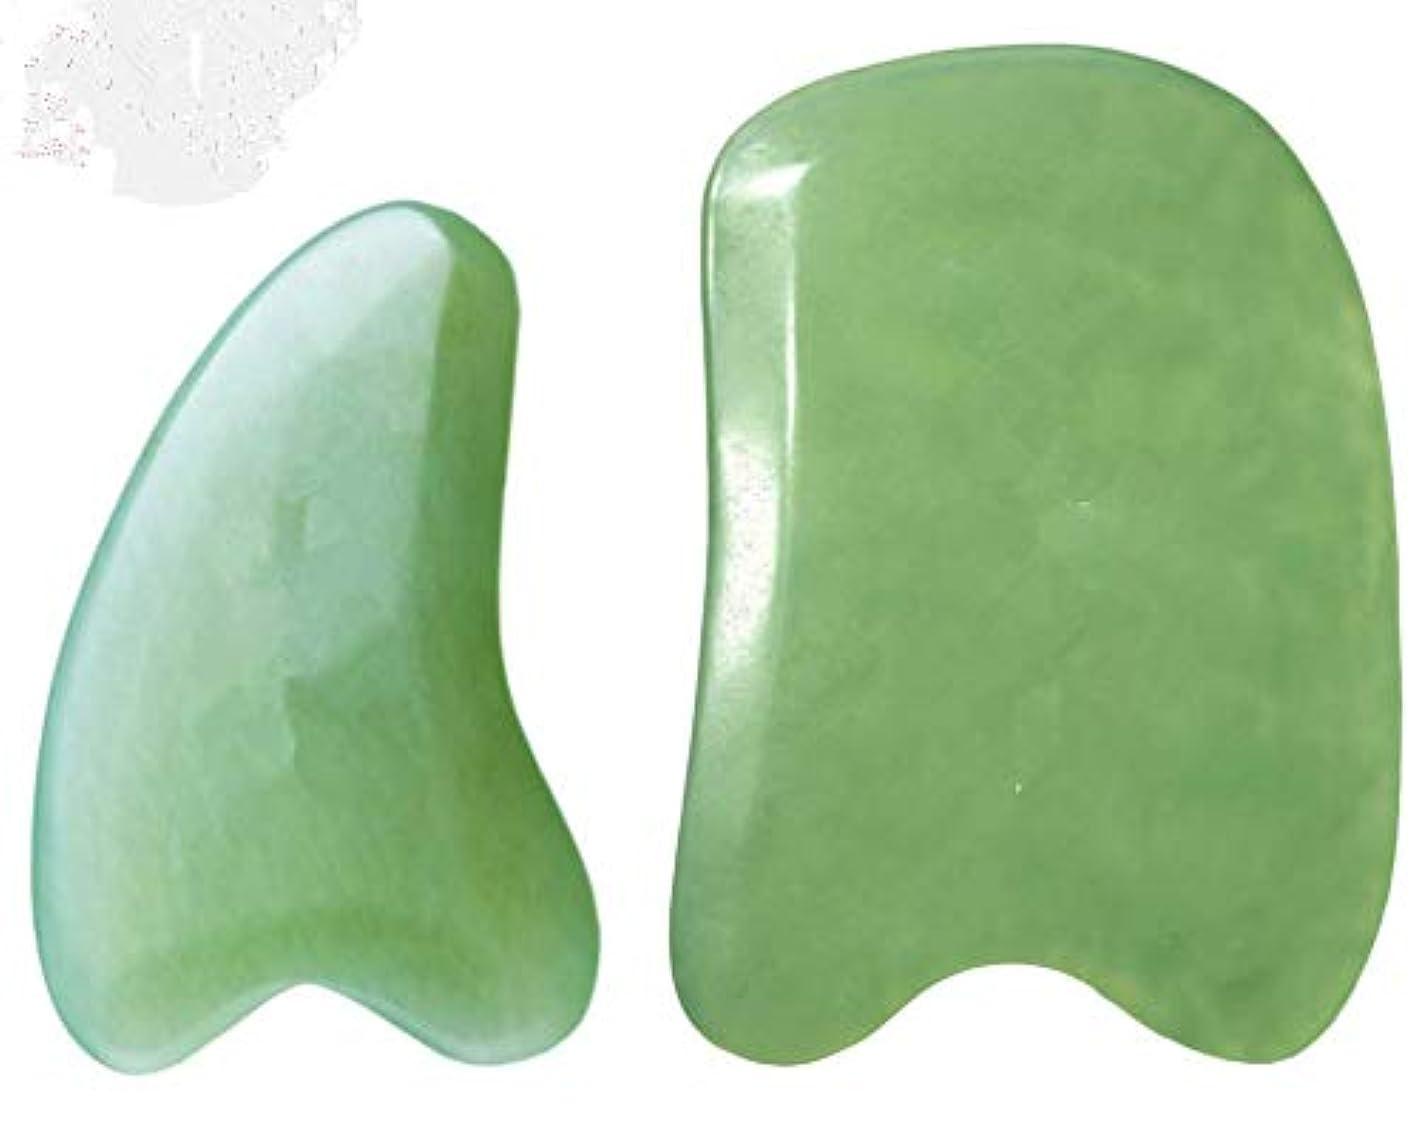 素晴らしい最も欠如2点セット2pcsFace / Body Massage Natural Jade Gua Sha Boardかっさプレート 天然石 翡翠(顔?ボディのリンパマッサージ)